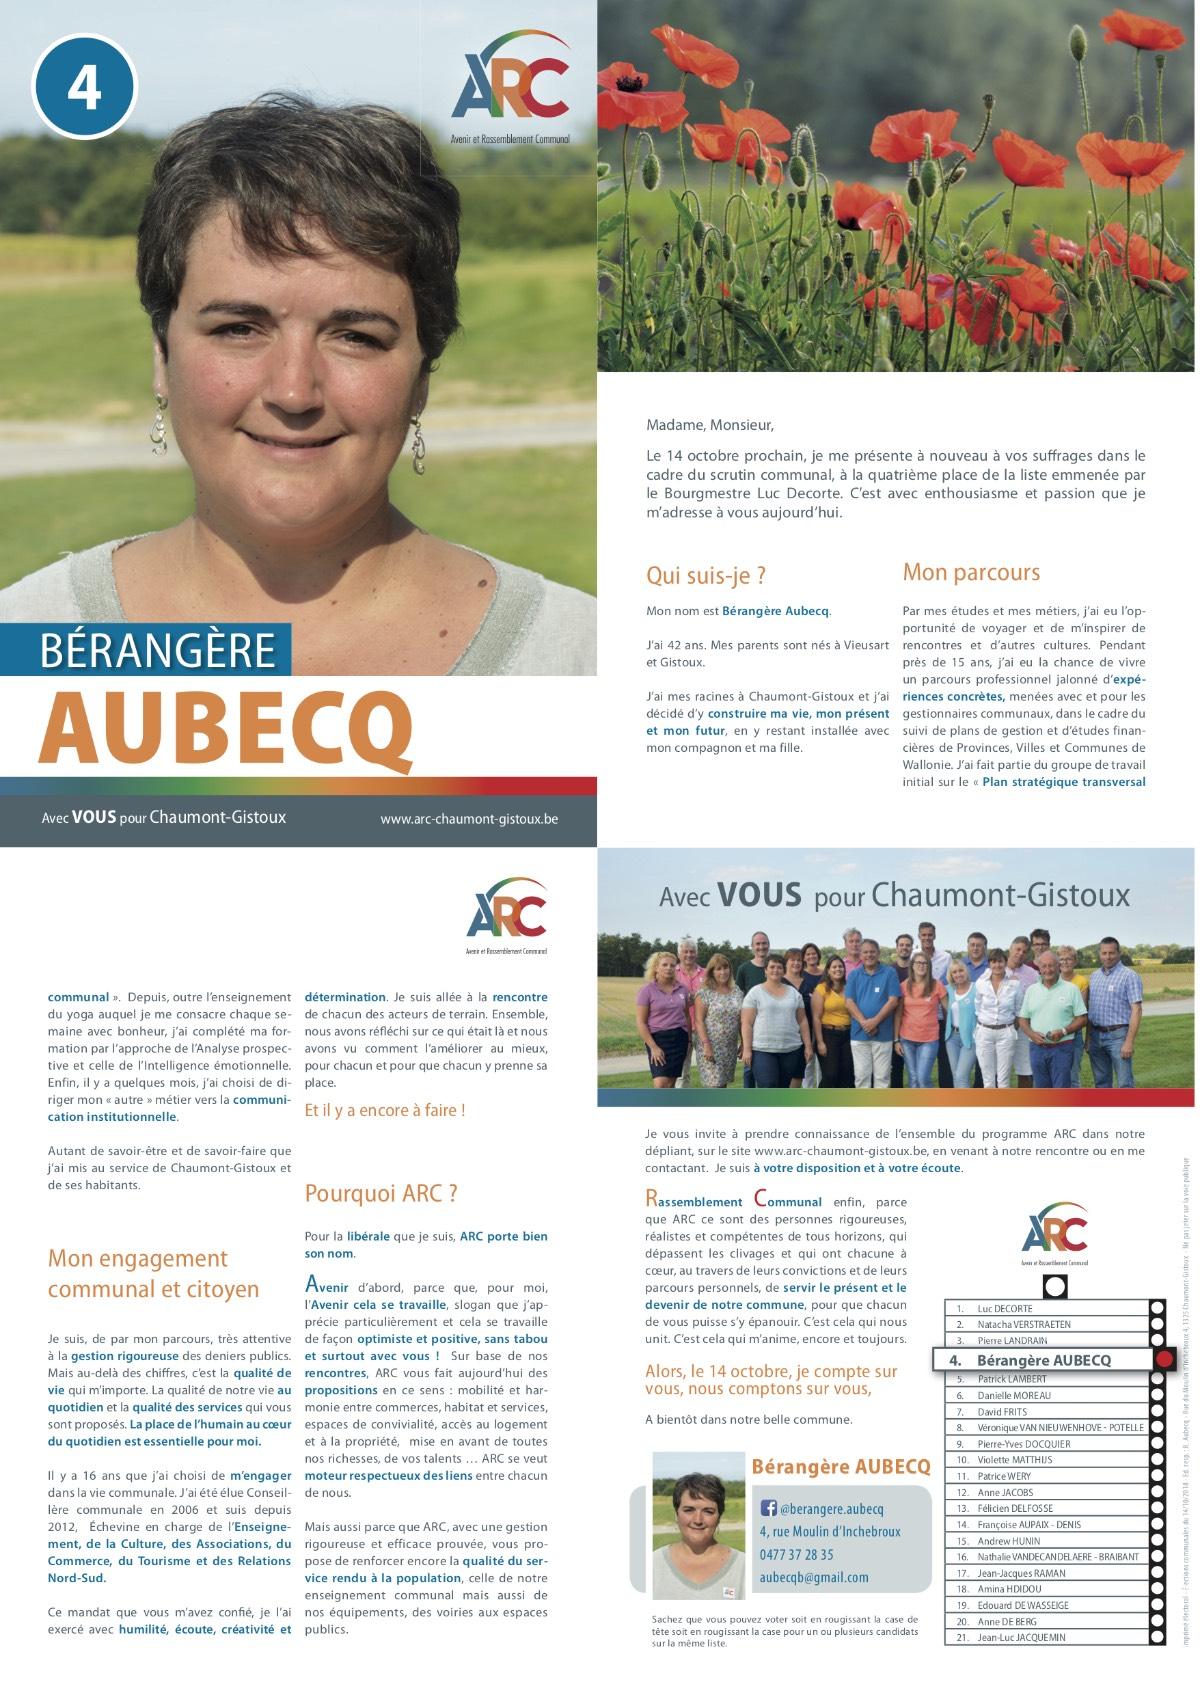 Téléchargez le tract personnel de Bérangère AUBECQ en .pdf (2 MB)